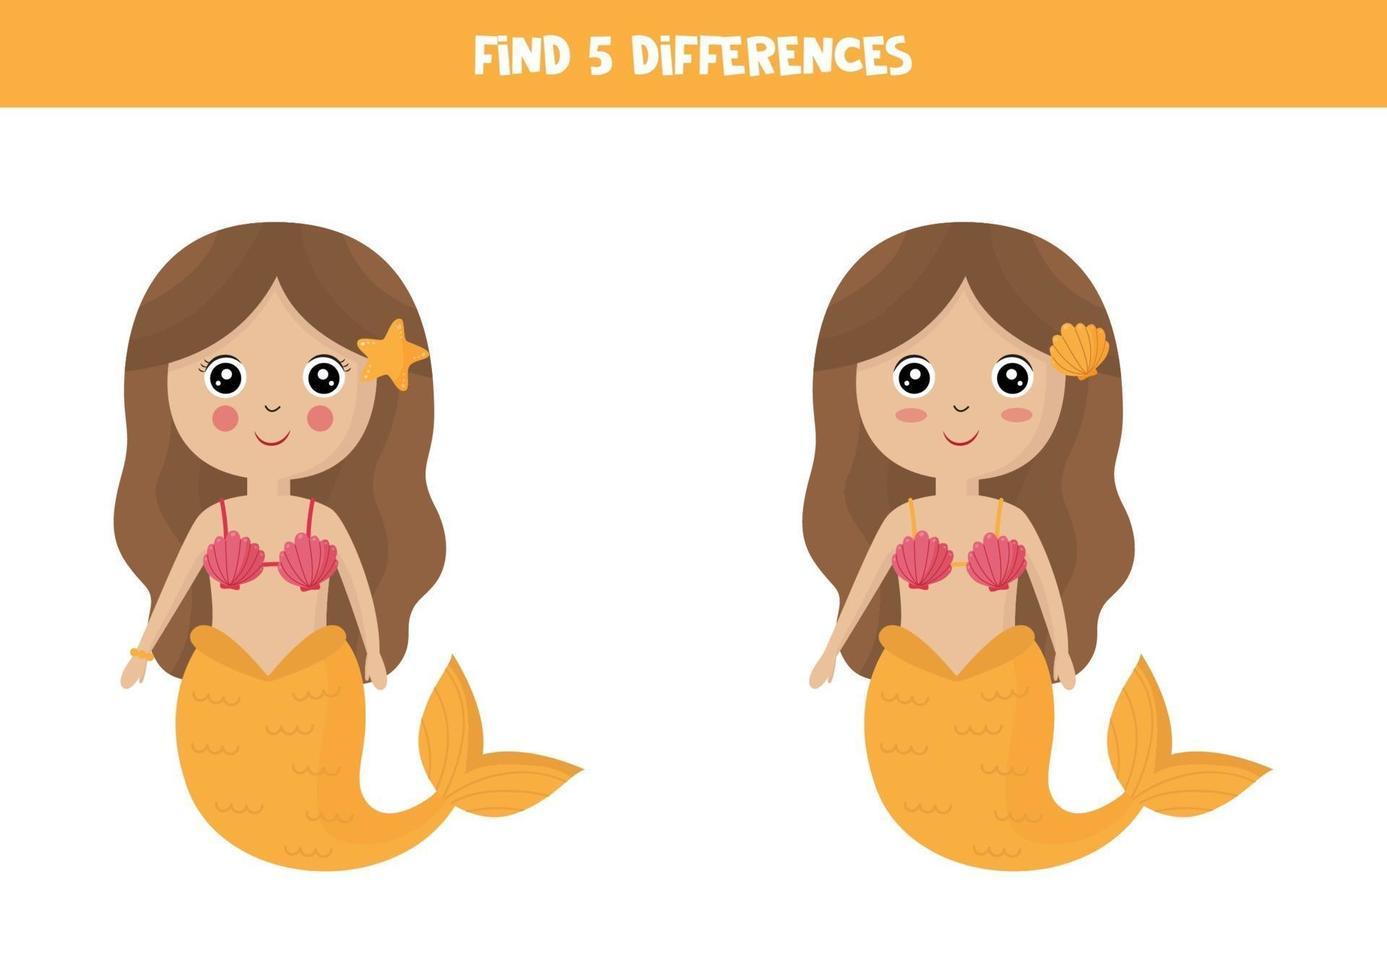 encontre 5 diferenças entre duas sereias fofas. vetor